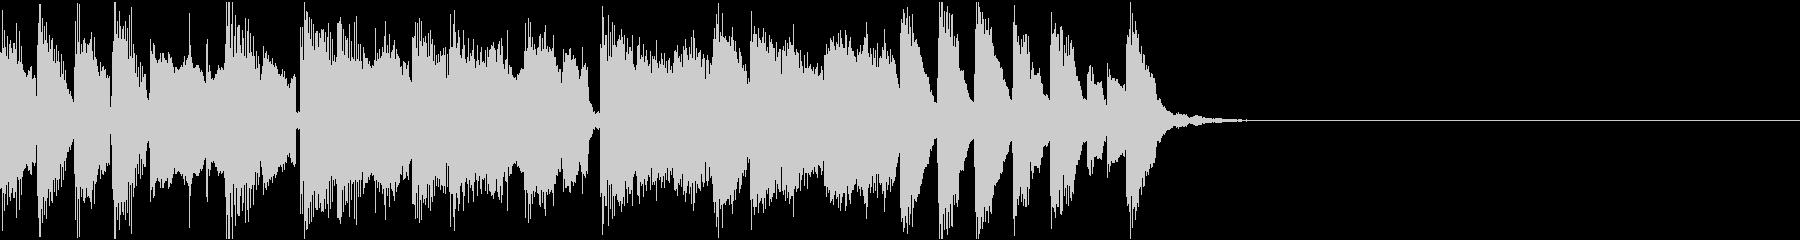 かわいいコミカル/サウンドロゴの未再生の波形